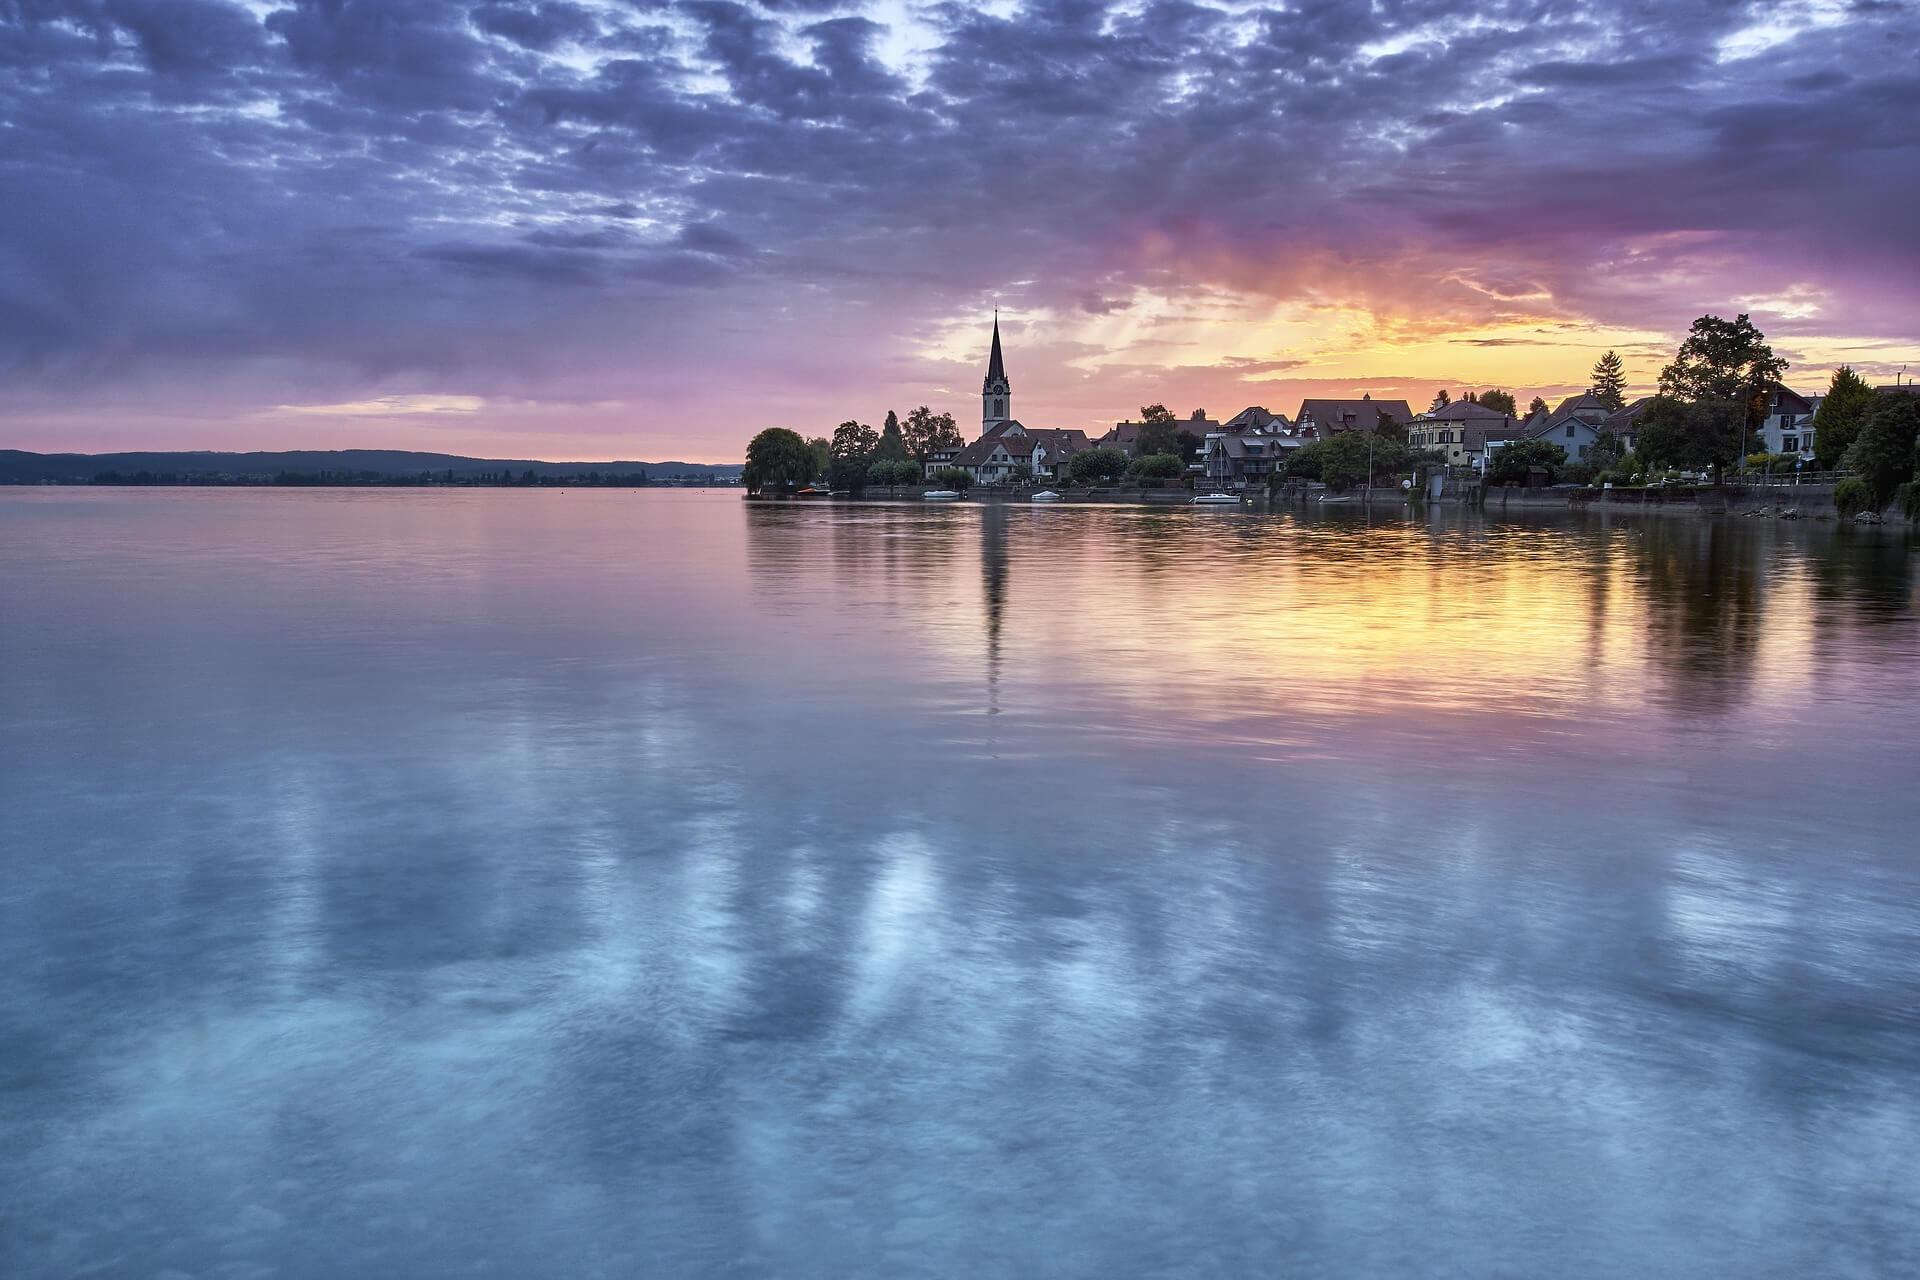 Angeln vom Boot in Österreich am Bodensee